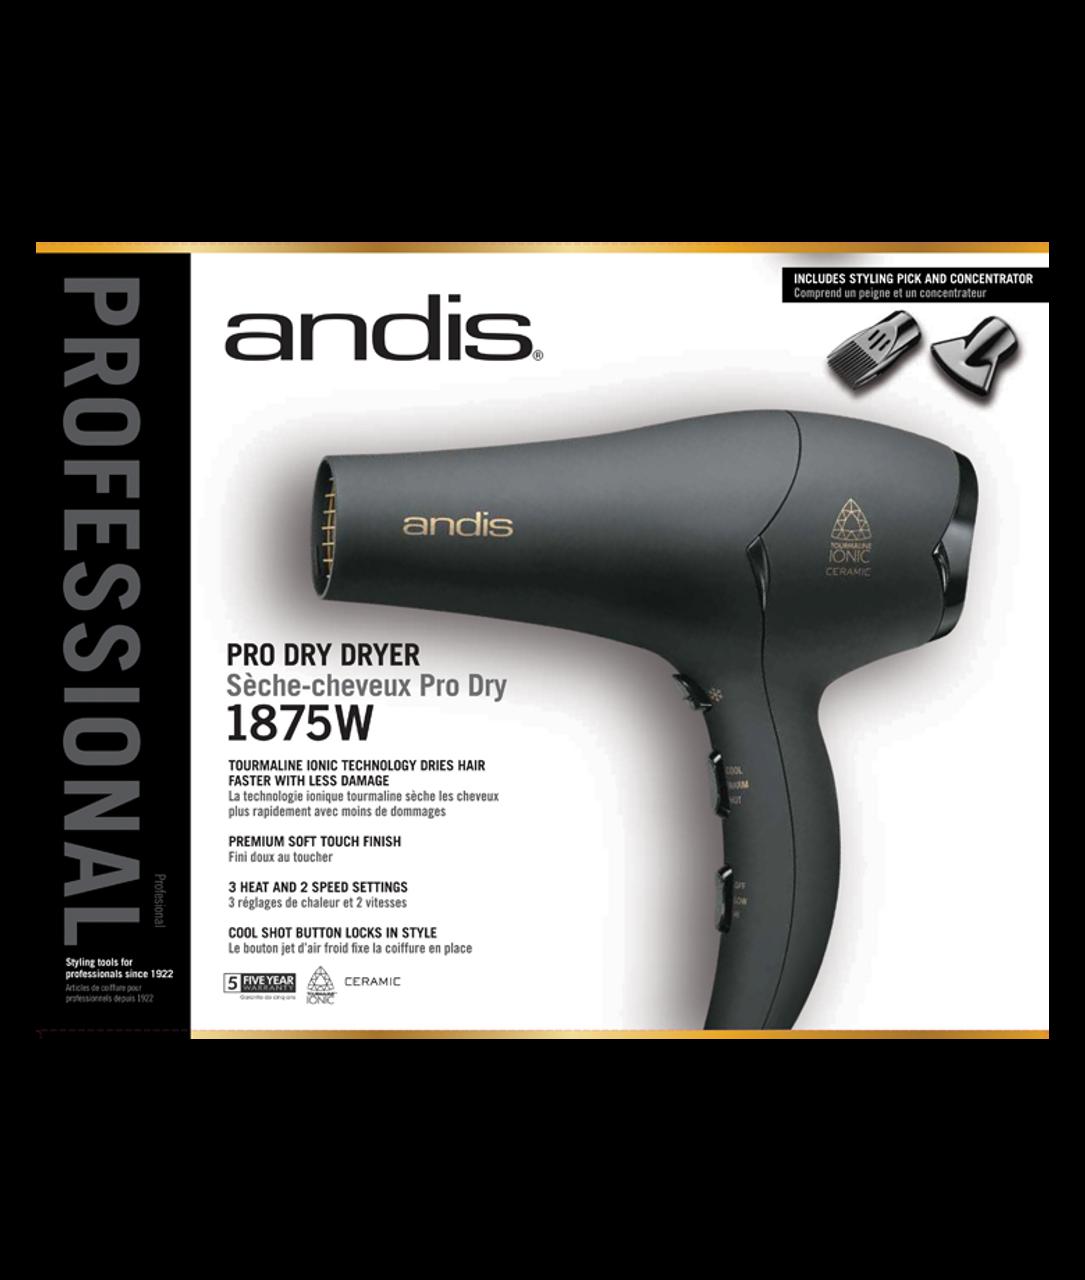 Andis Pro Dryer 1875W